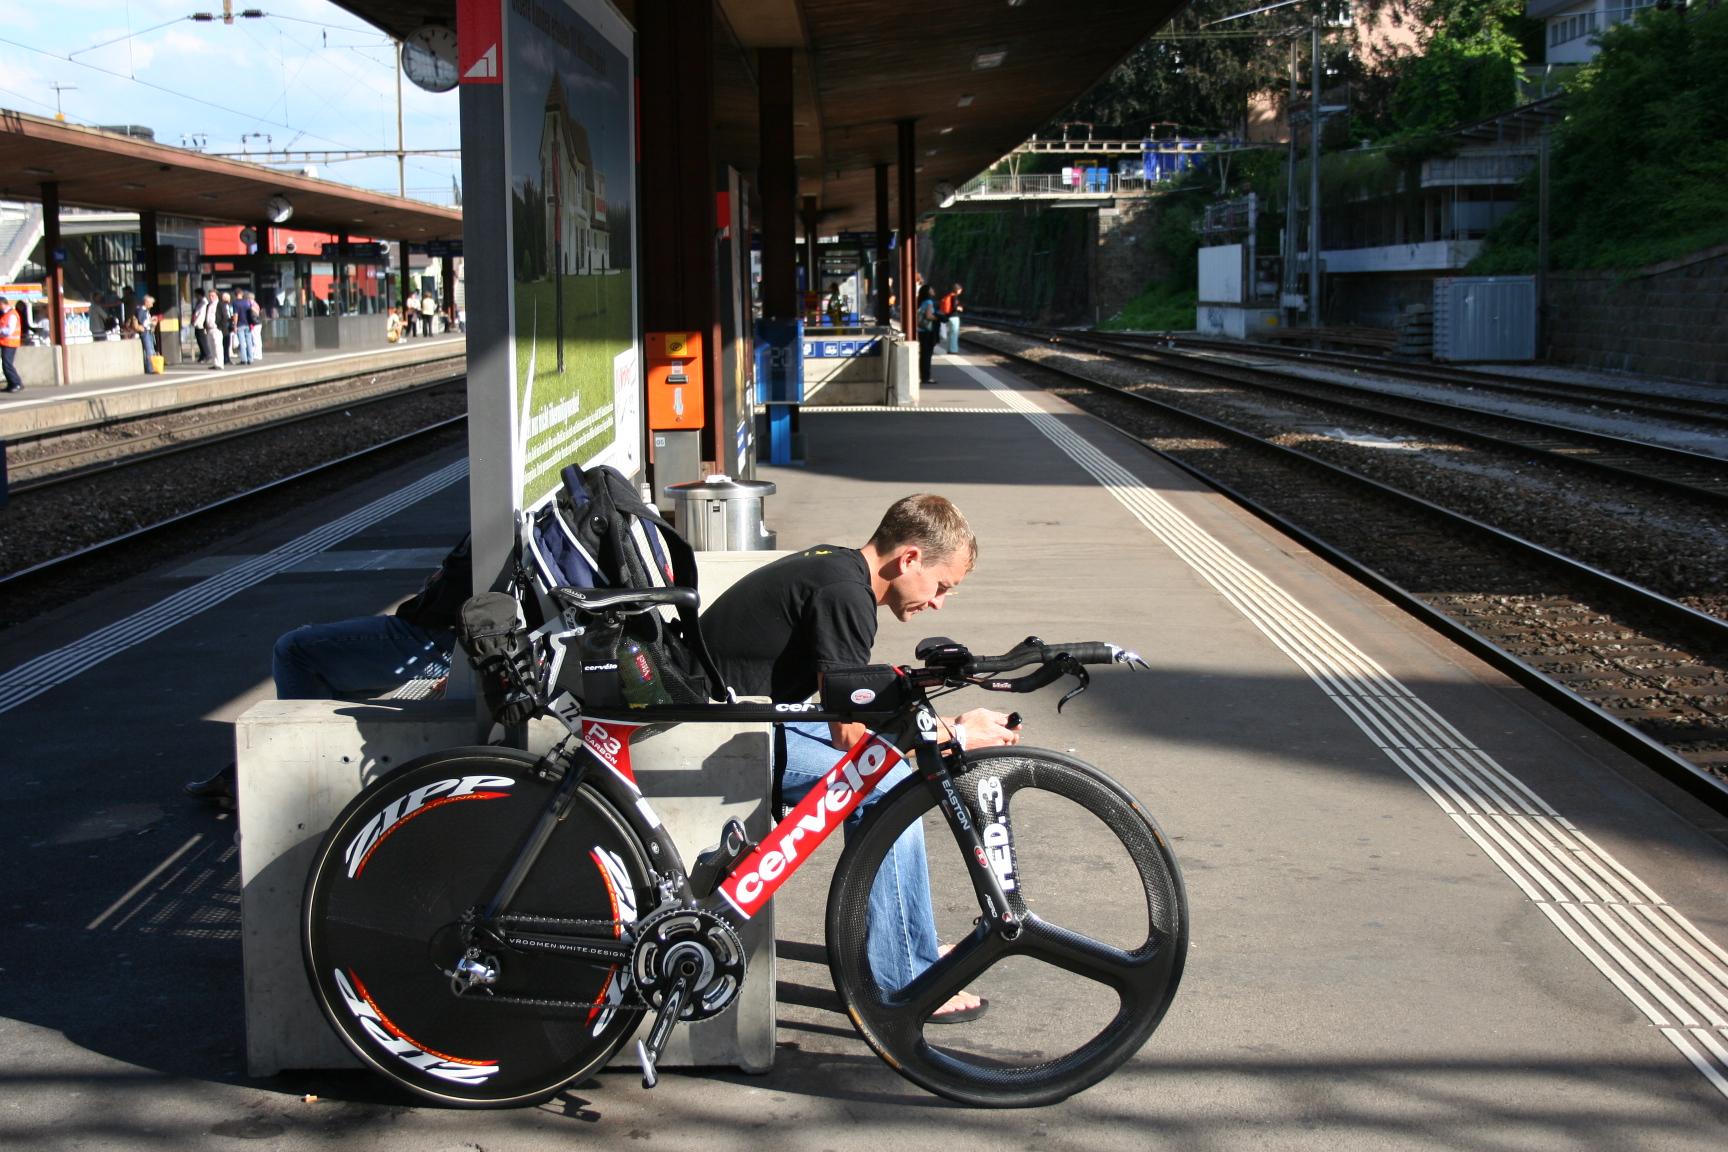 Train to IM CH bike drop